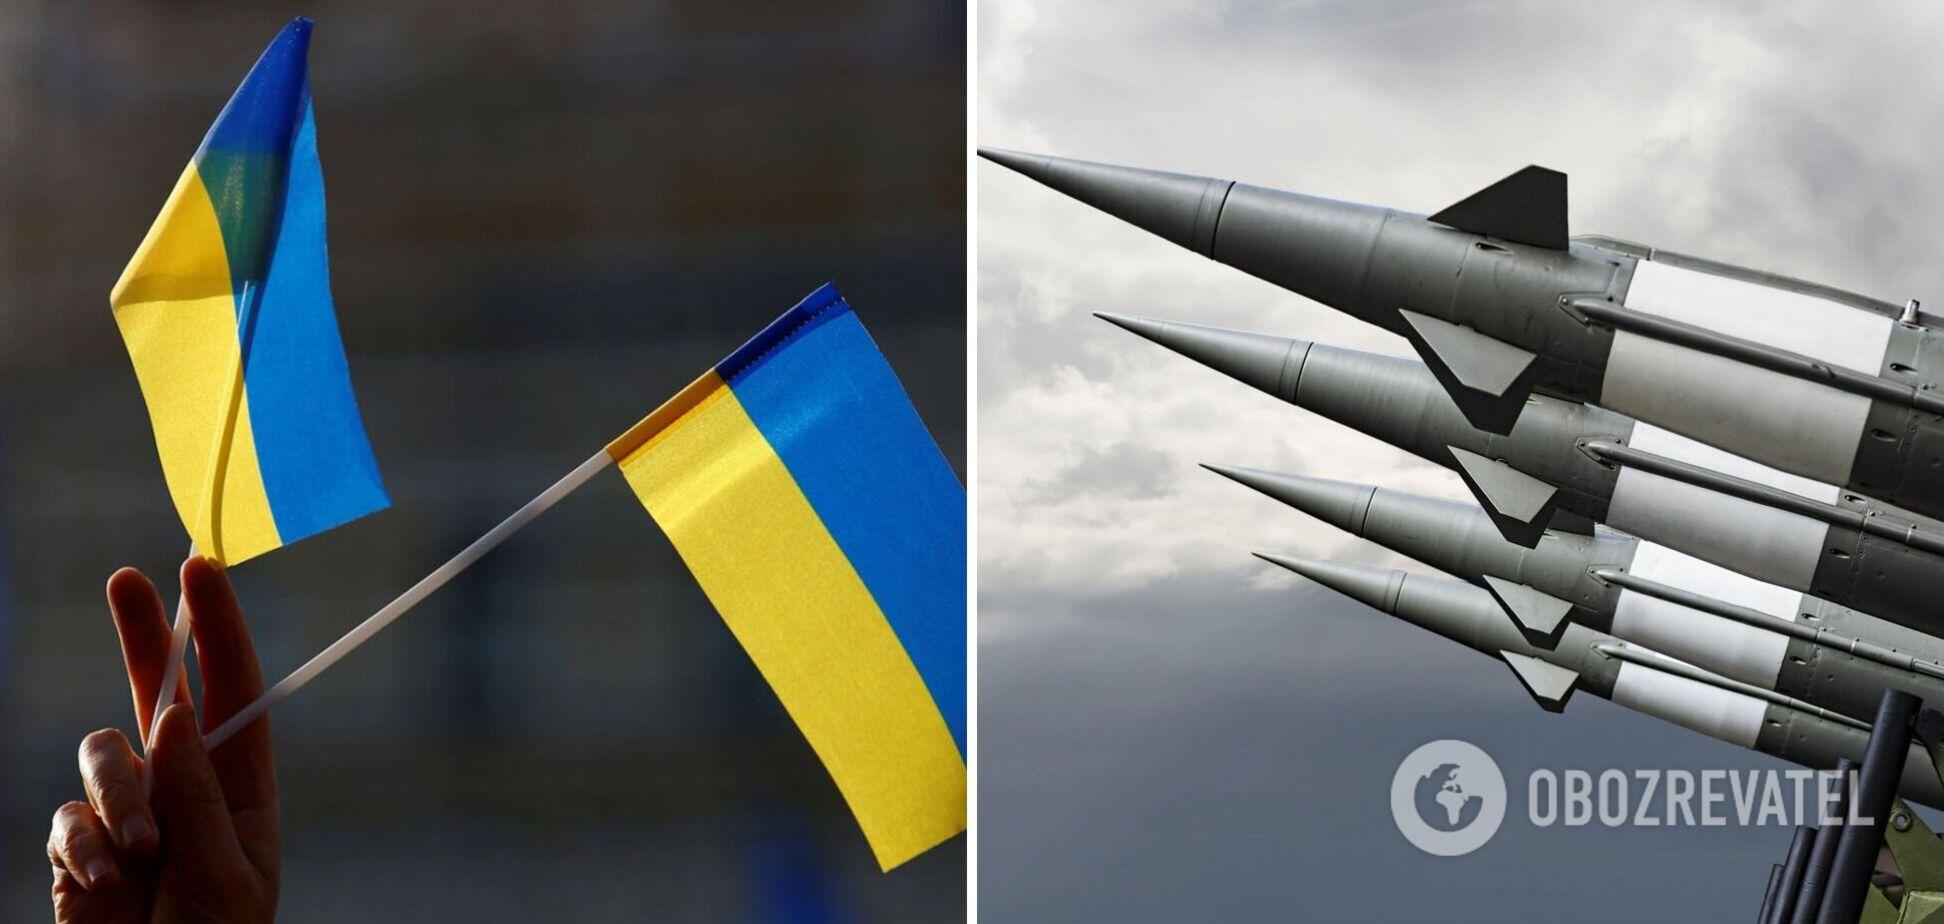 В Україні заговорили про повернення ядерного статусу: що думають громадяни. Відео